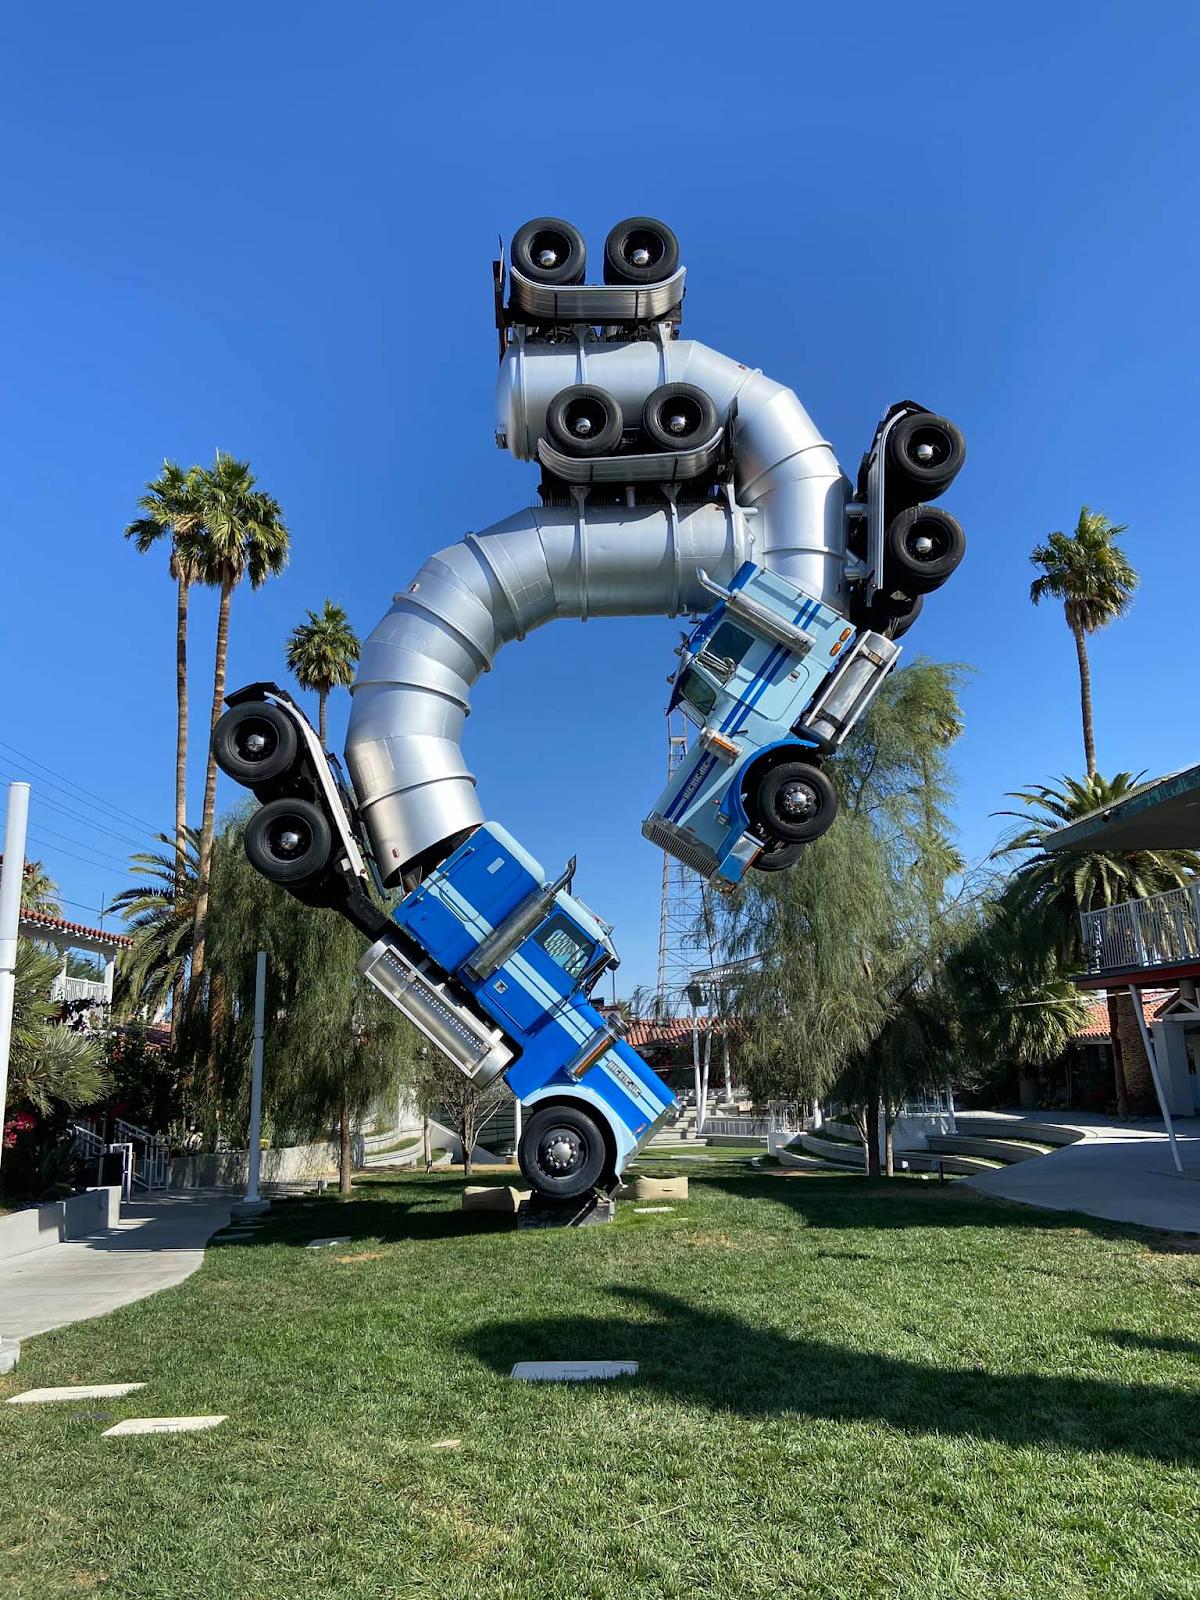 18-wheeler truck sculpture